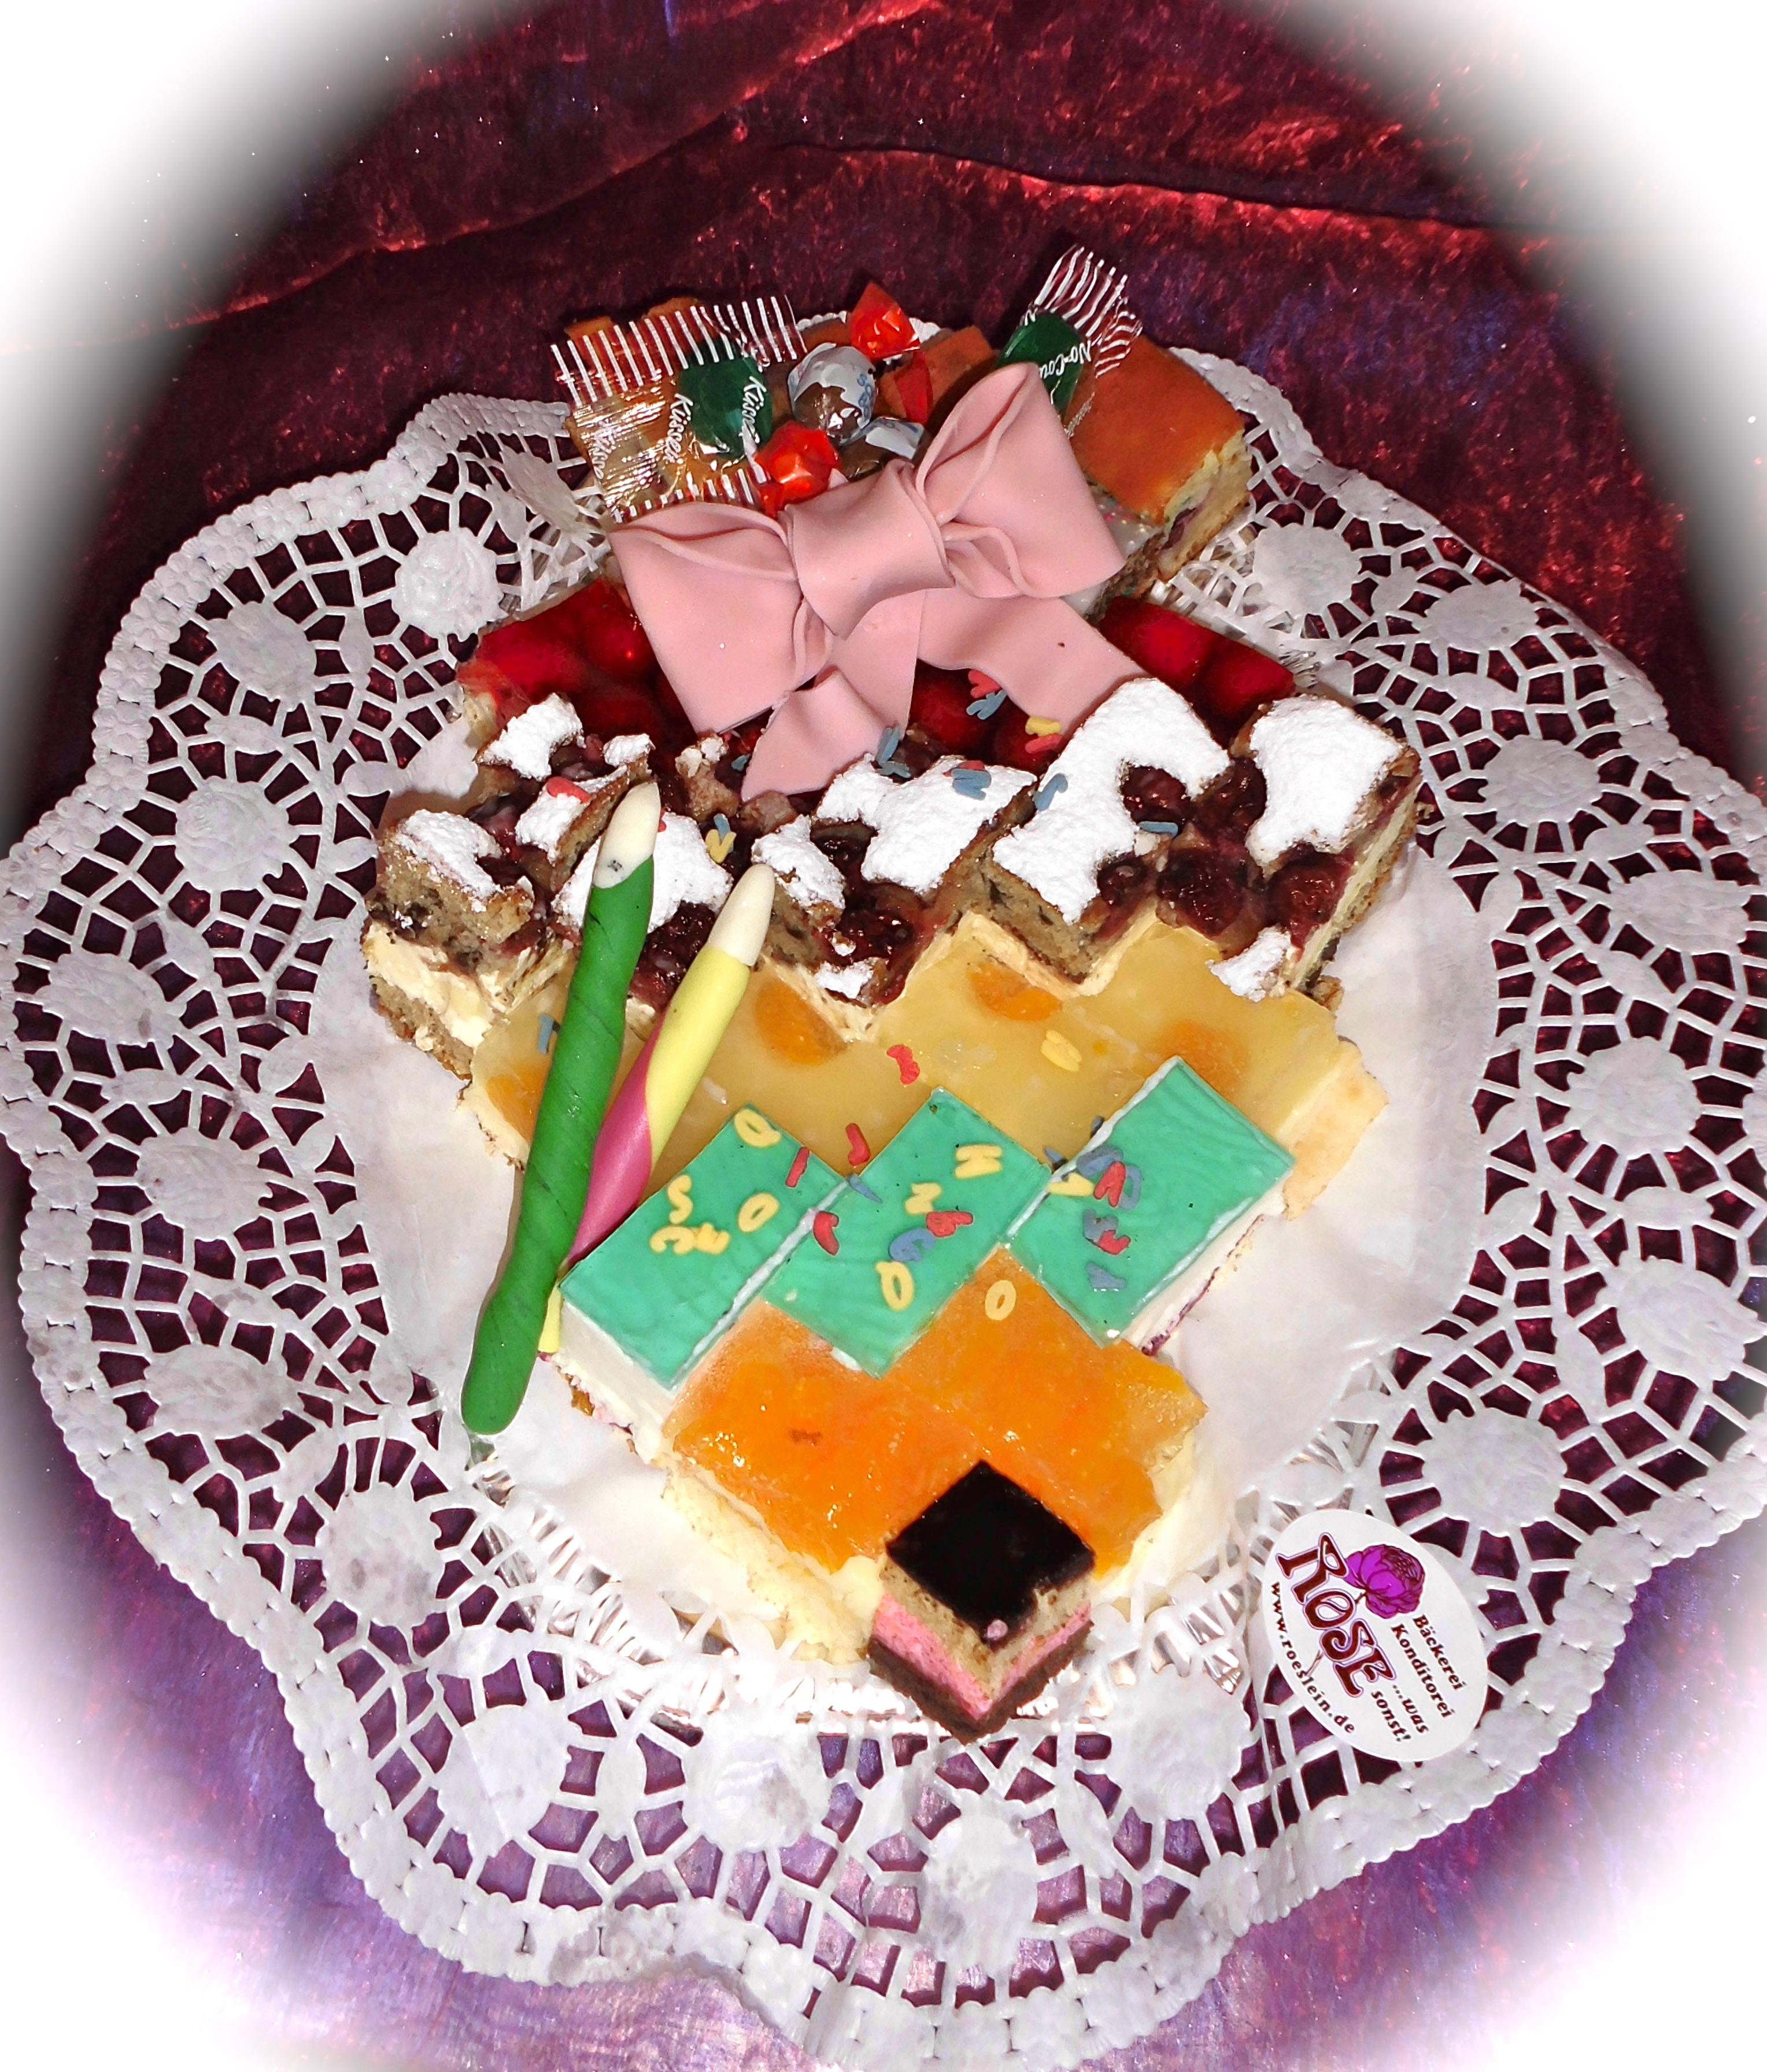 Kuchenplatte Bäckerei Rose Weimar